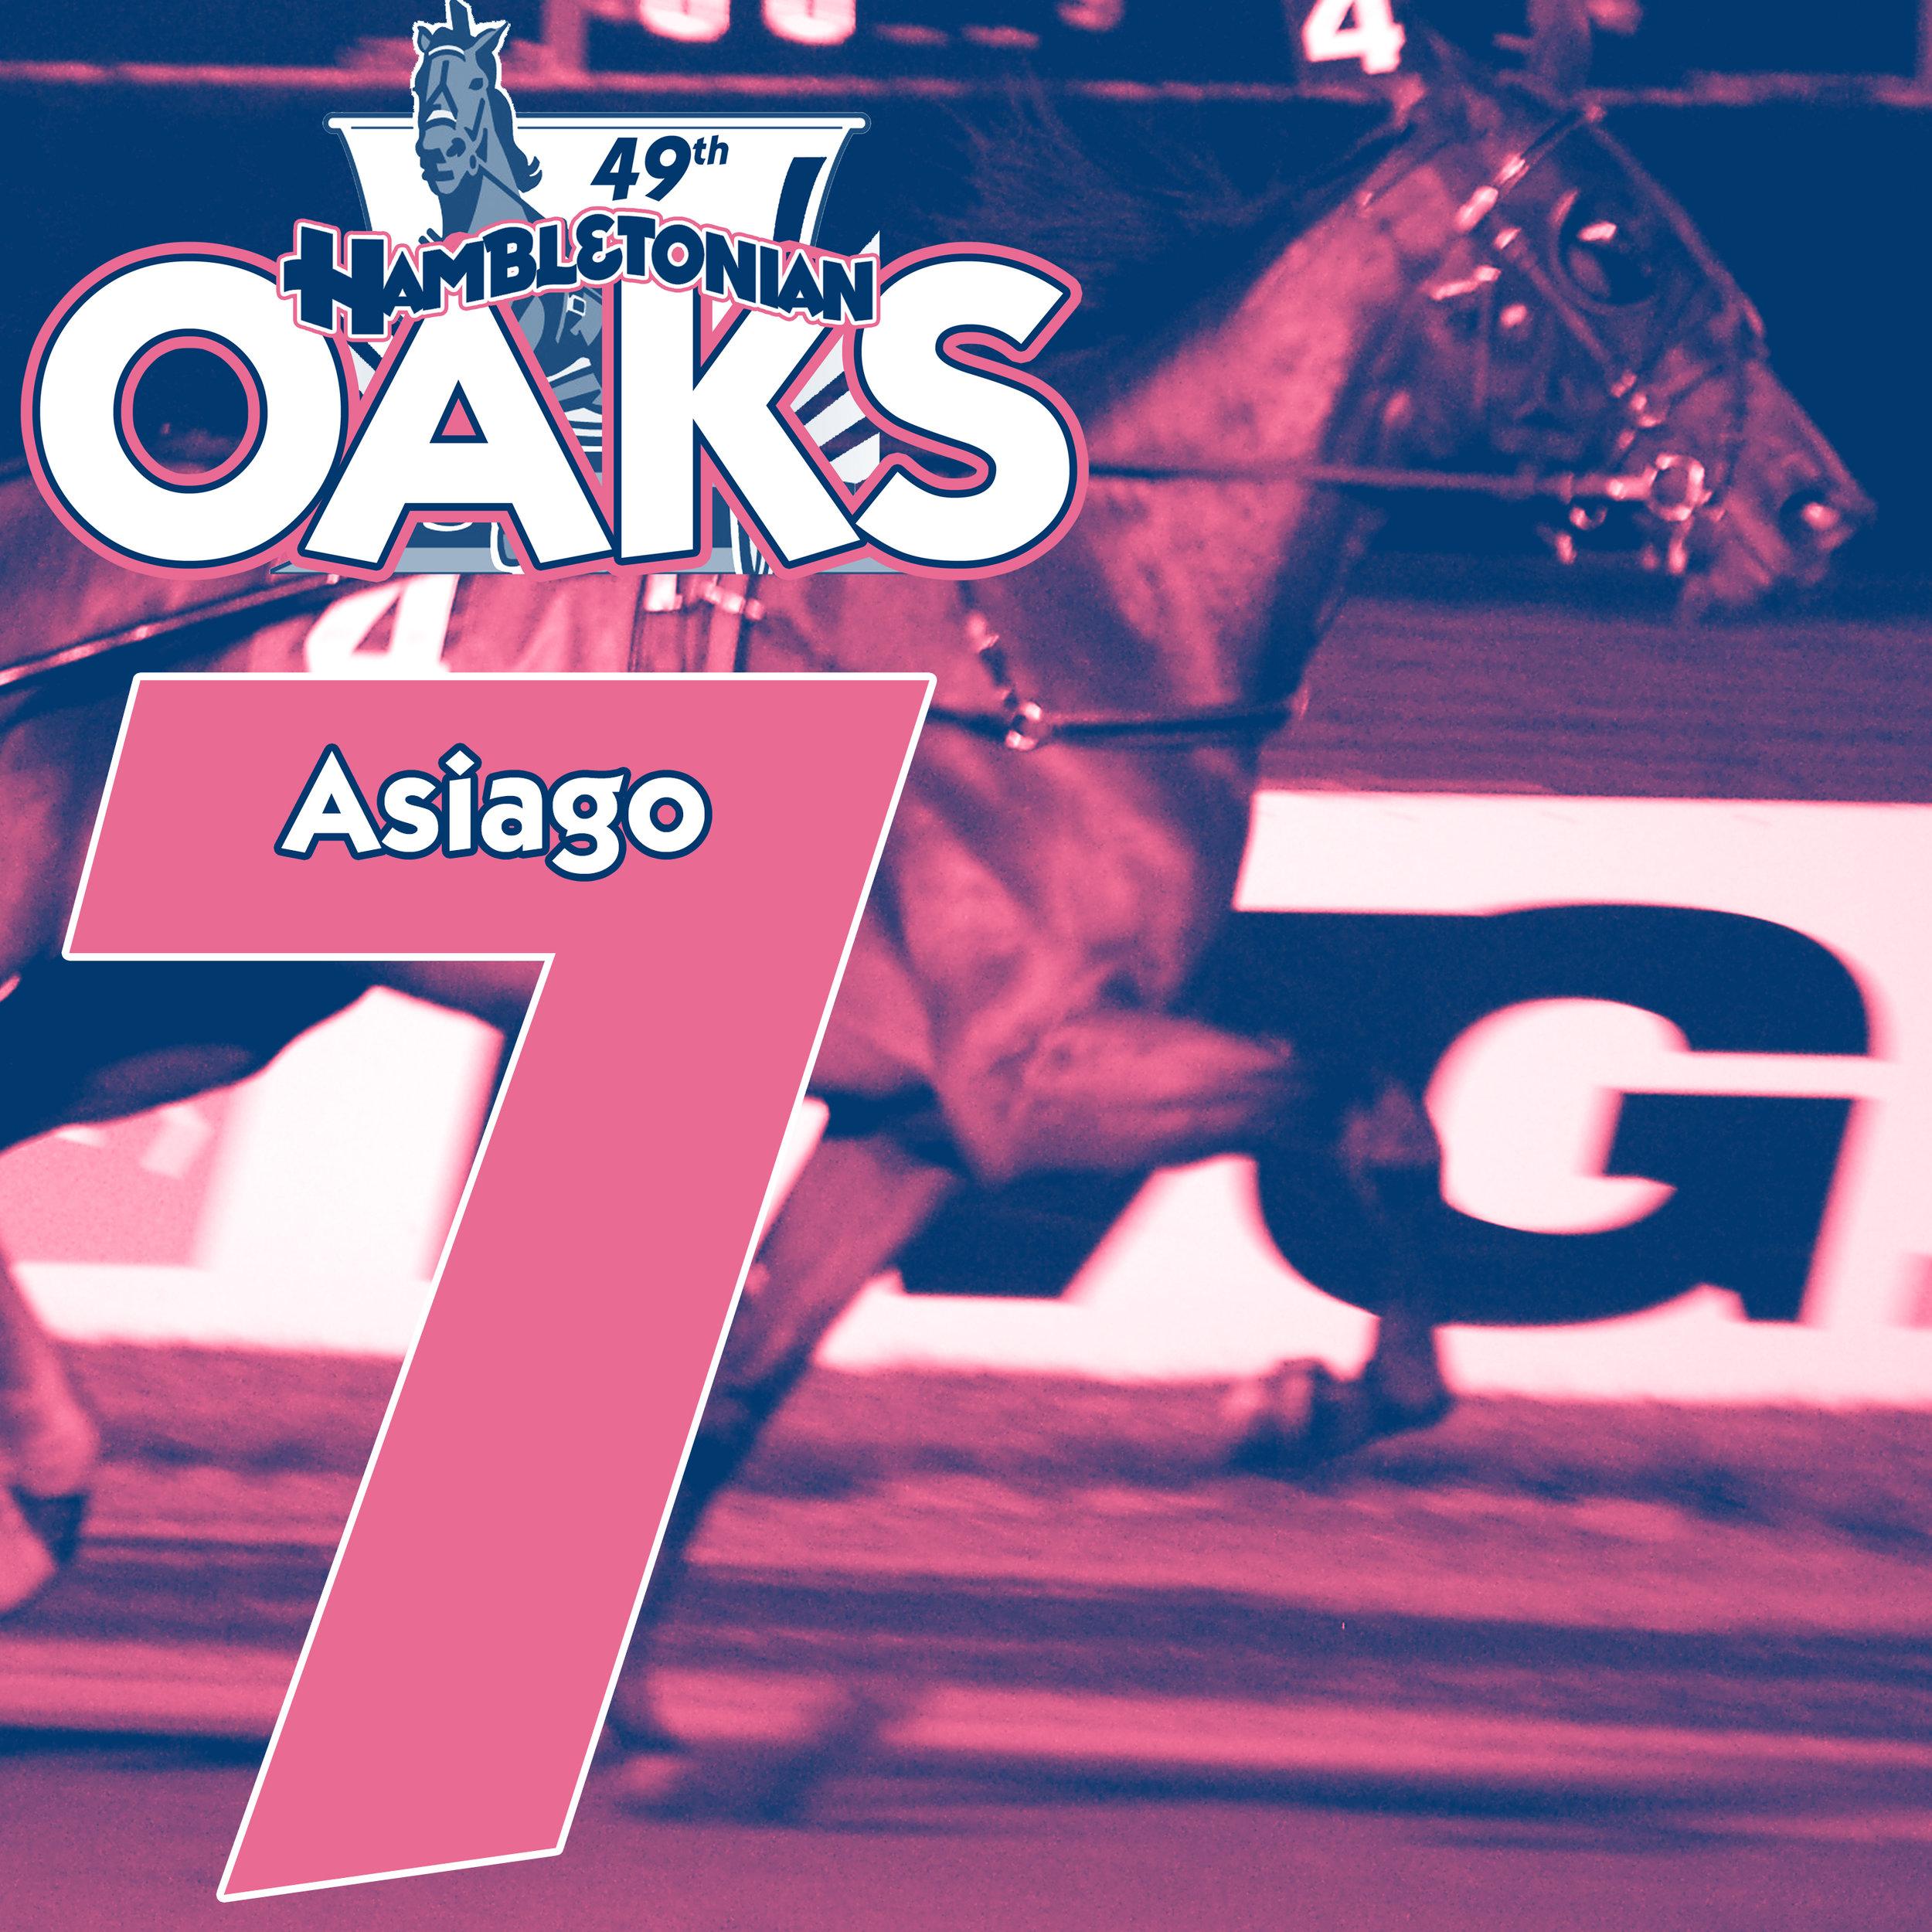 oaks 7.jpg